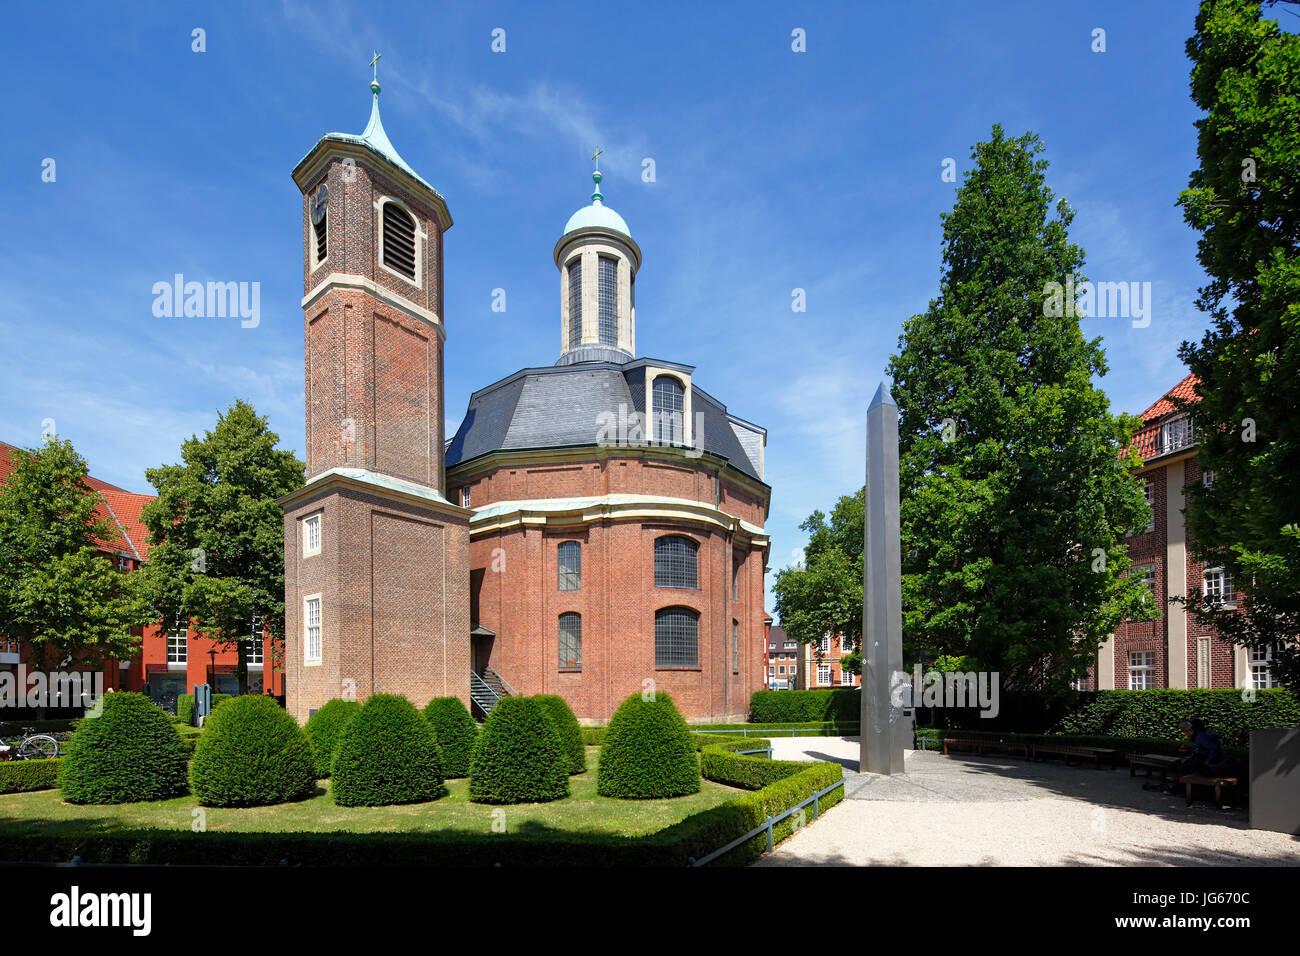 Clemenskirche mit freistehendem Glockenturm von Johann Conrad Schlaun, ehemals Klosterkirche und Hospitalkirche, - Stock Image